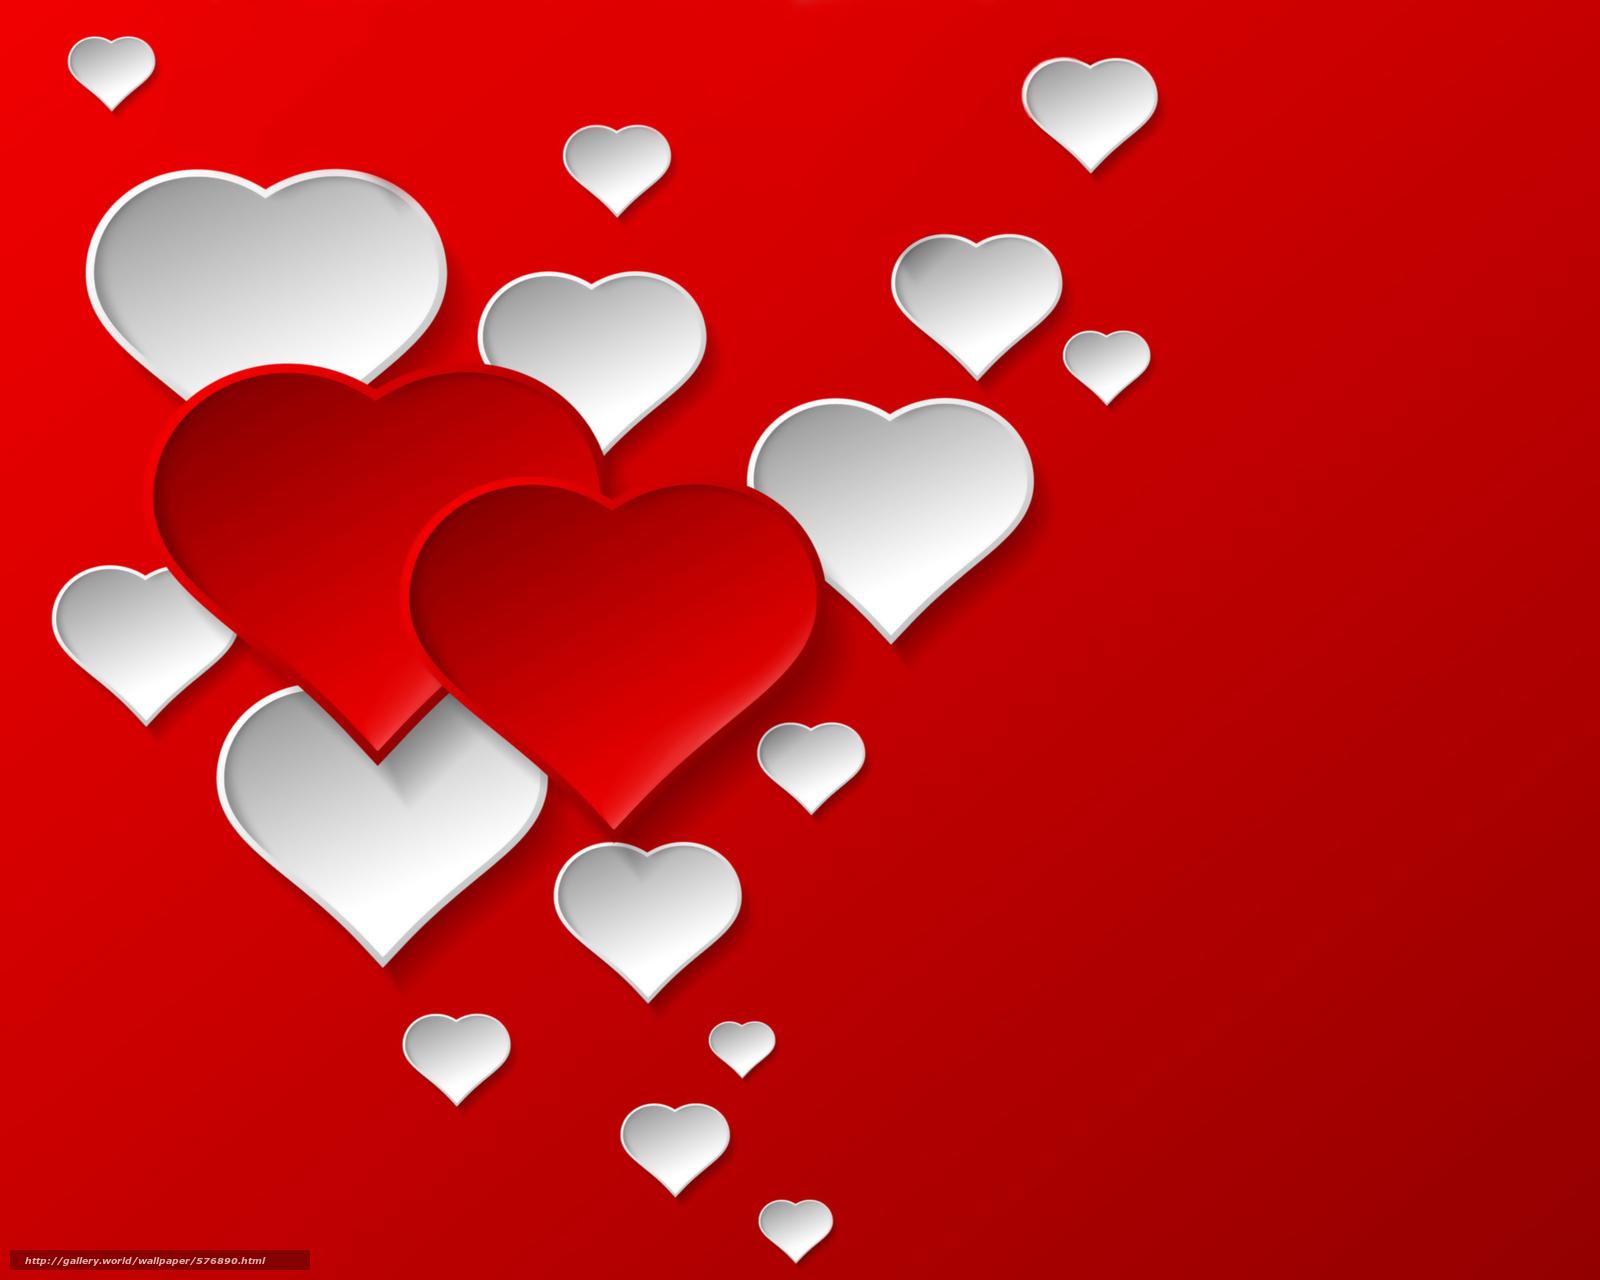 Descargar gratis amor,  fondo,  corazones,  rojo Fondos de escritorio en la resolucin 2500x2000 — imagen №576890